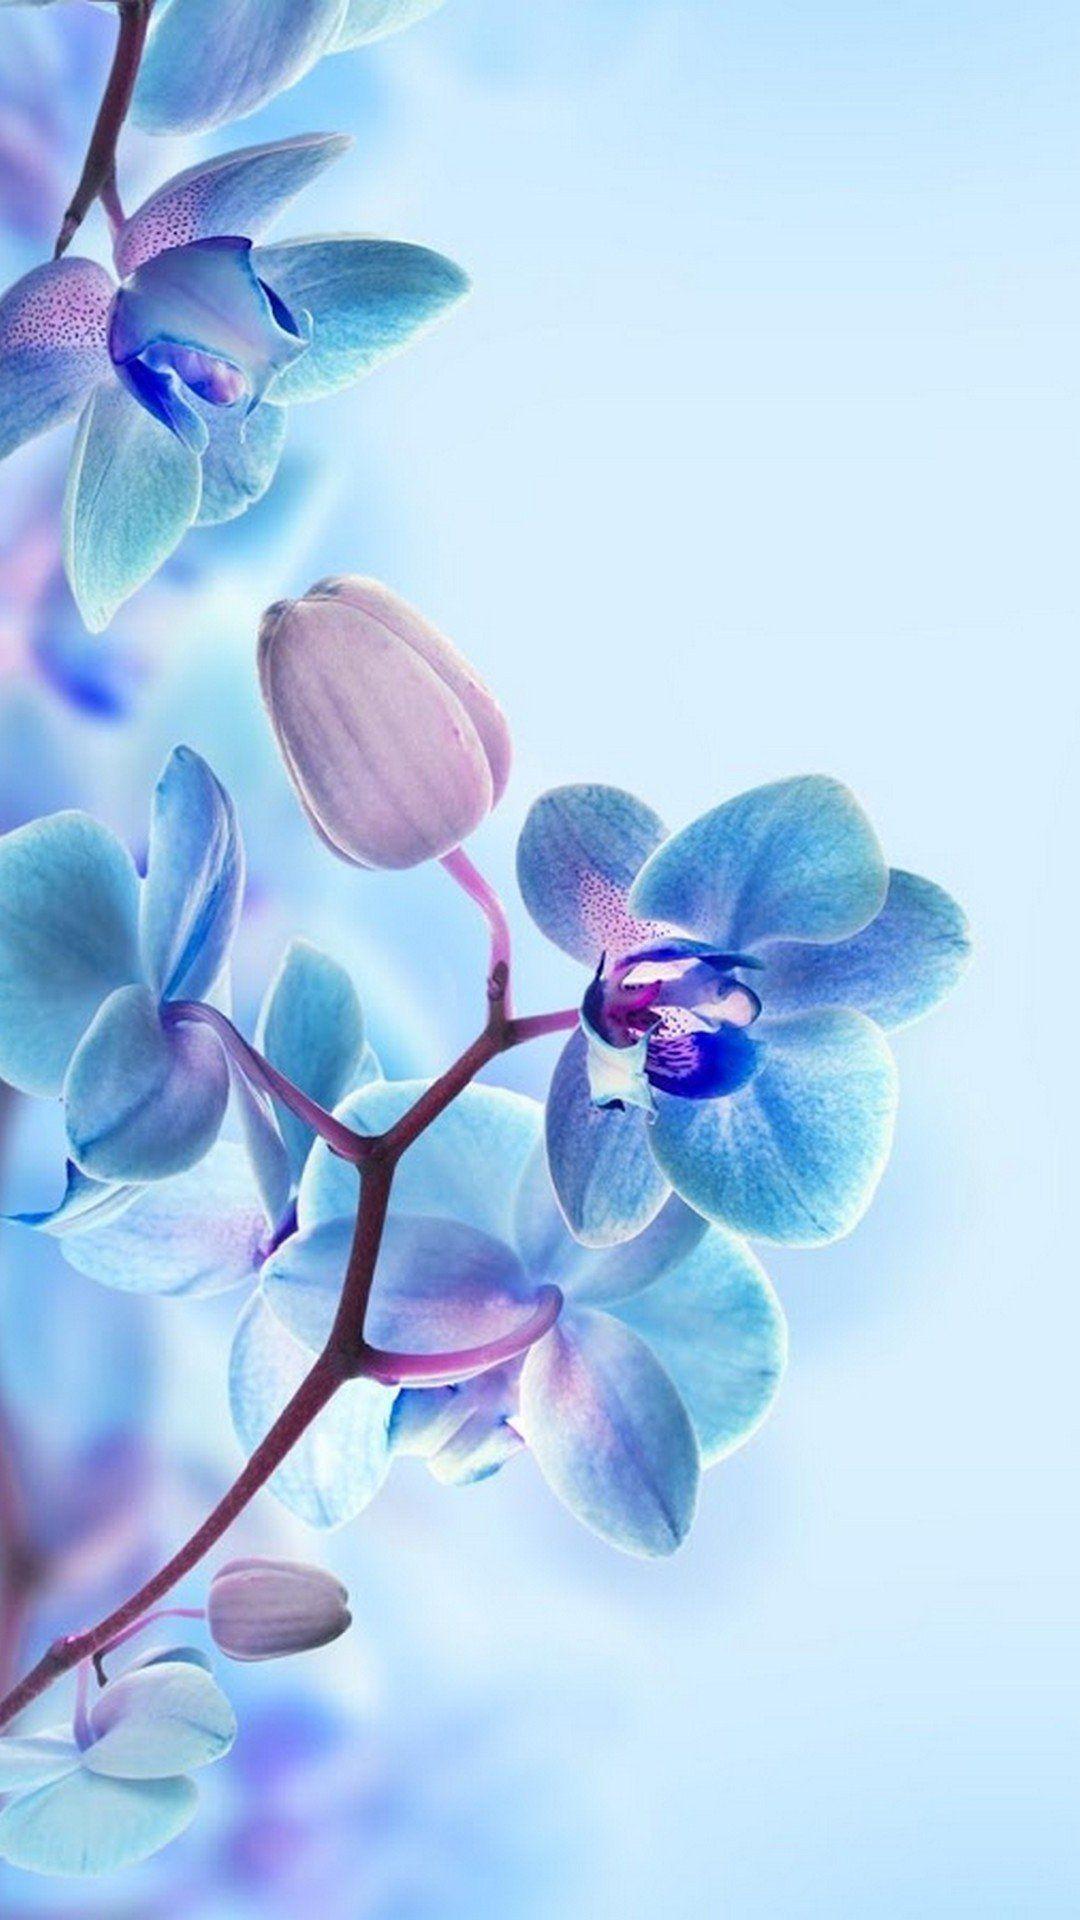 3d Flower Blue Mobile Wallpaper 3d Flower Blue Mobile Wallpaper Natural Download Free Mobi 3d Wallpaper For Mobile Wallpaper Images Hd Hd Wallpapers For Mobile